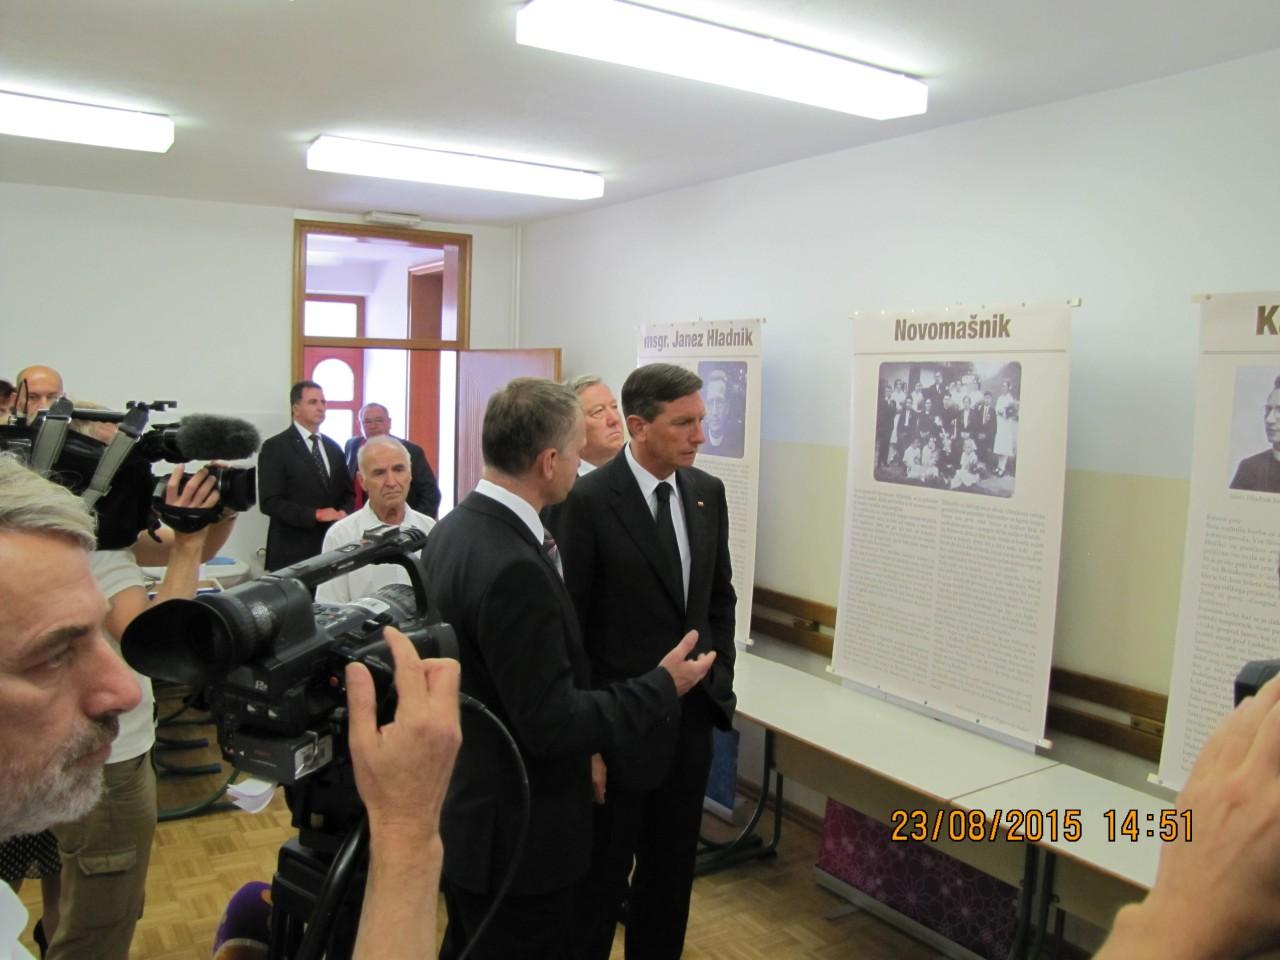 Rovte ob evropskem dnevu totalitarnih in avtoritarnih režimov 23. avgust 2015, Jože Leskovec razloži Borutu Pahor o delu in poslanstvu msgr. Janeza Hladnik